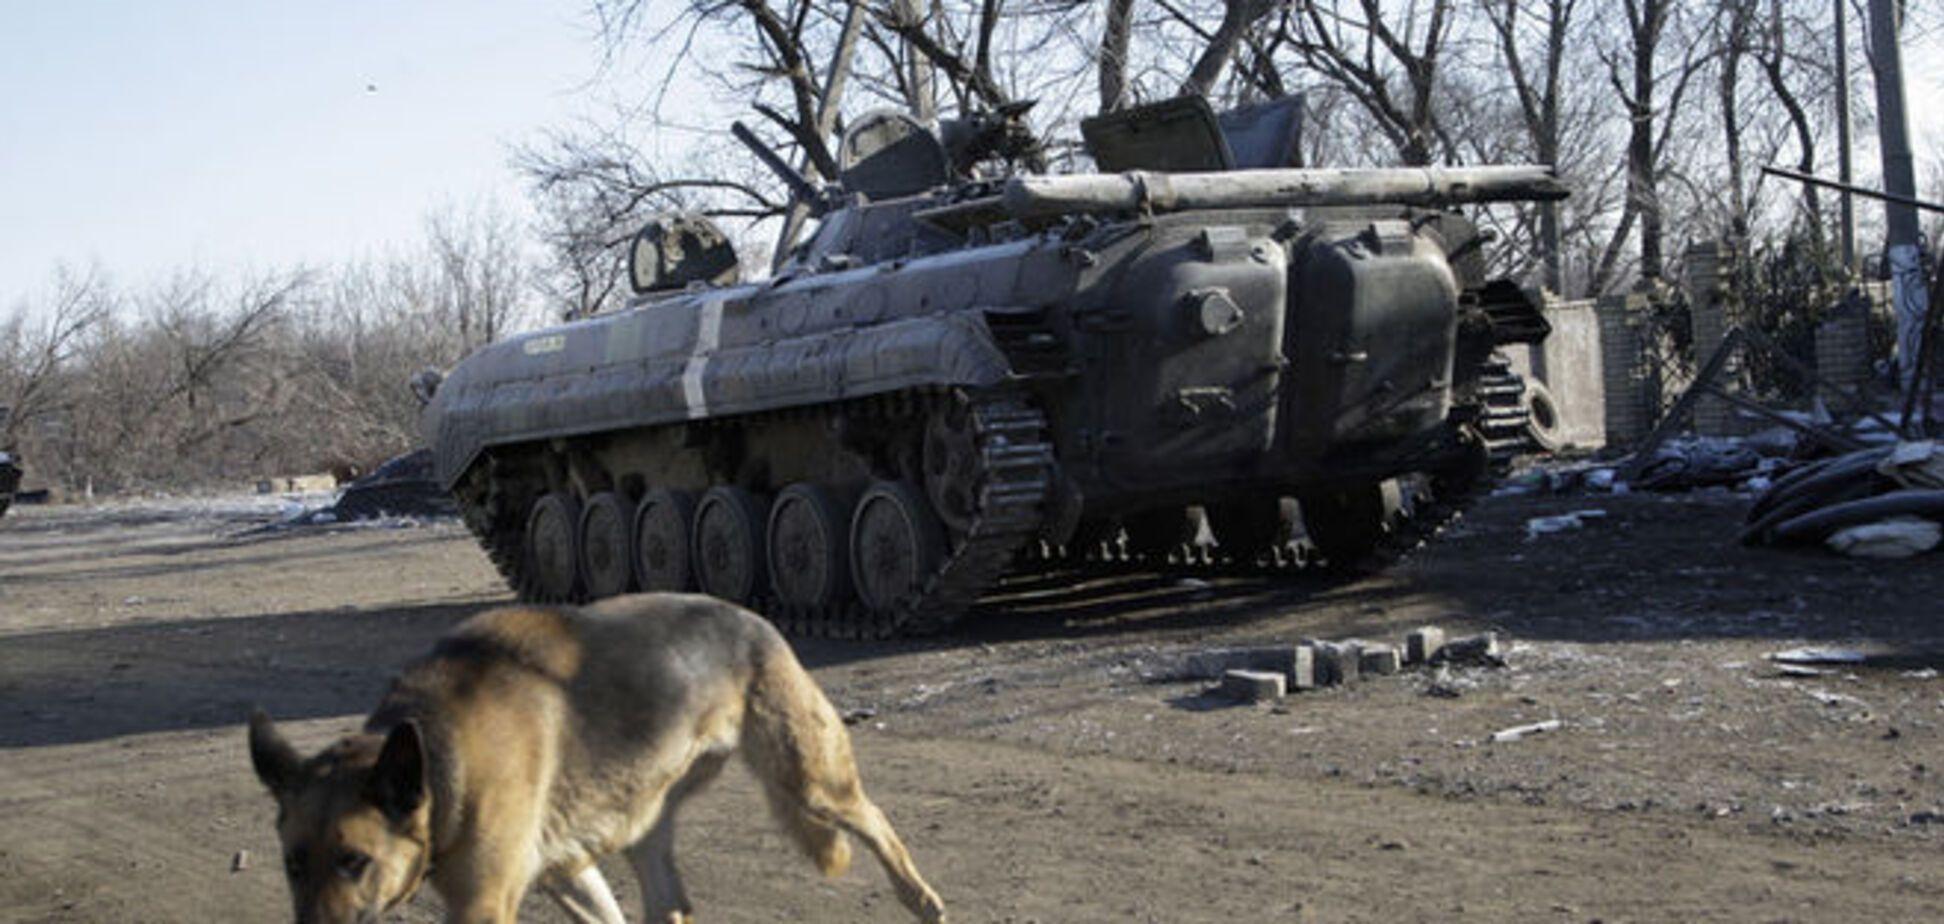 Боевики обстреливают населенные пункты вблизи Донецка из гранатометов и артиллерии